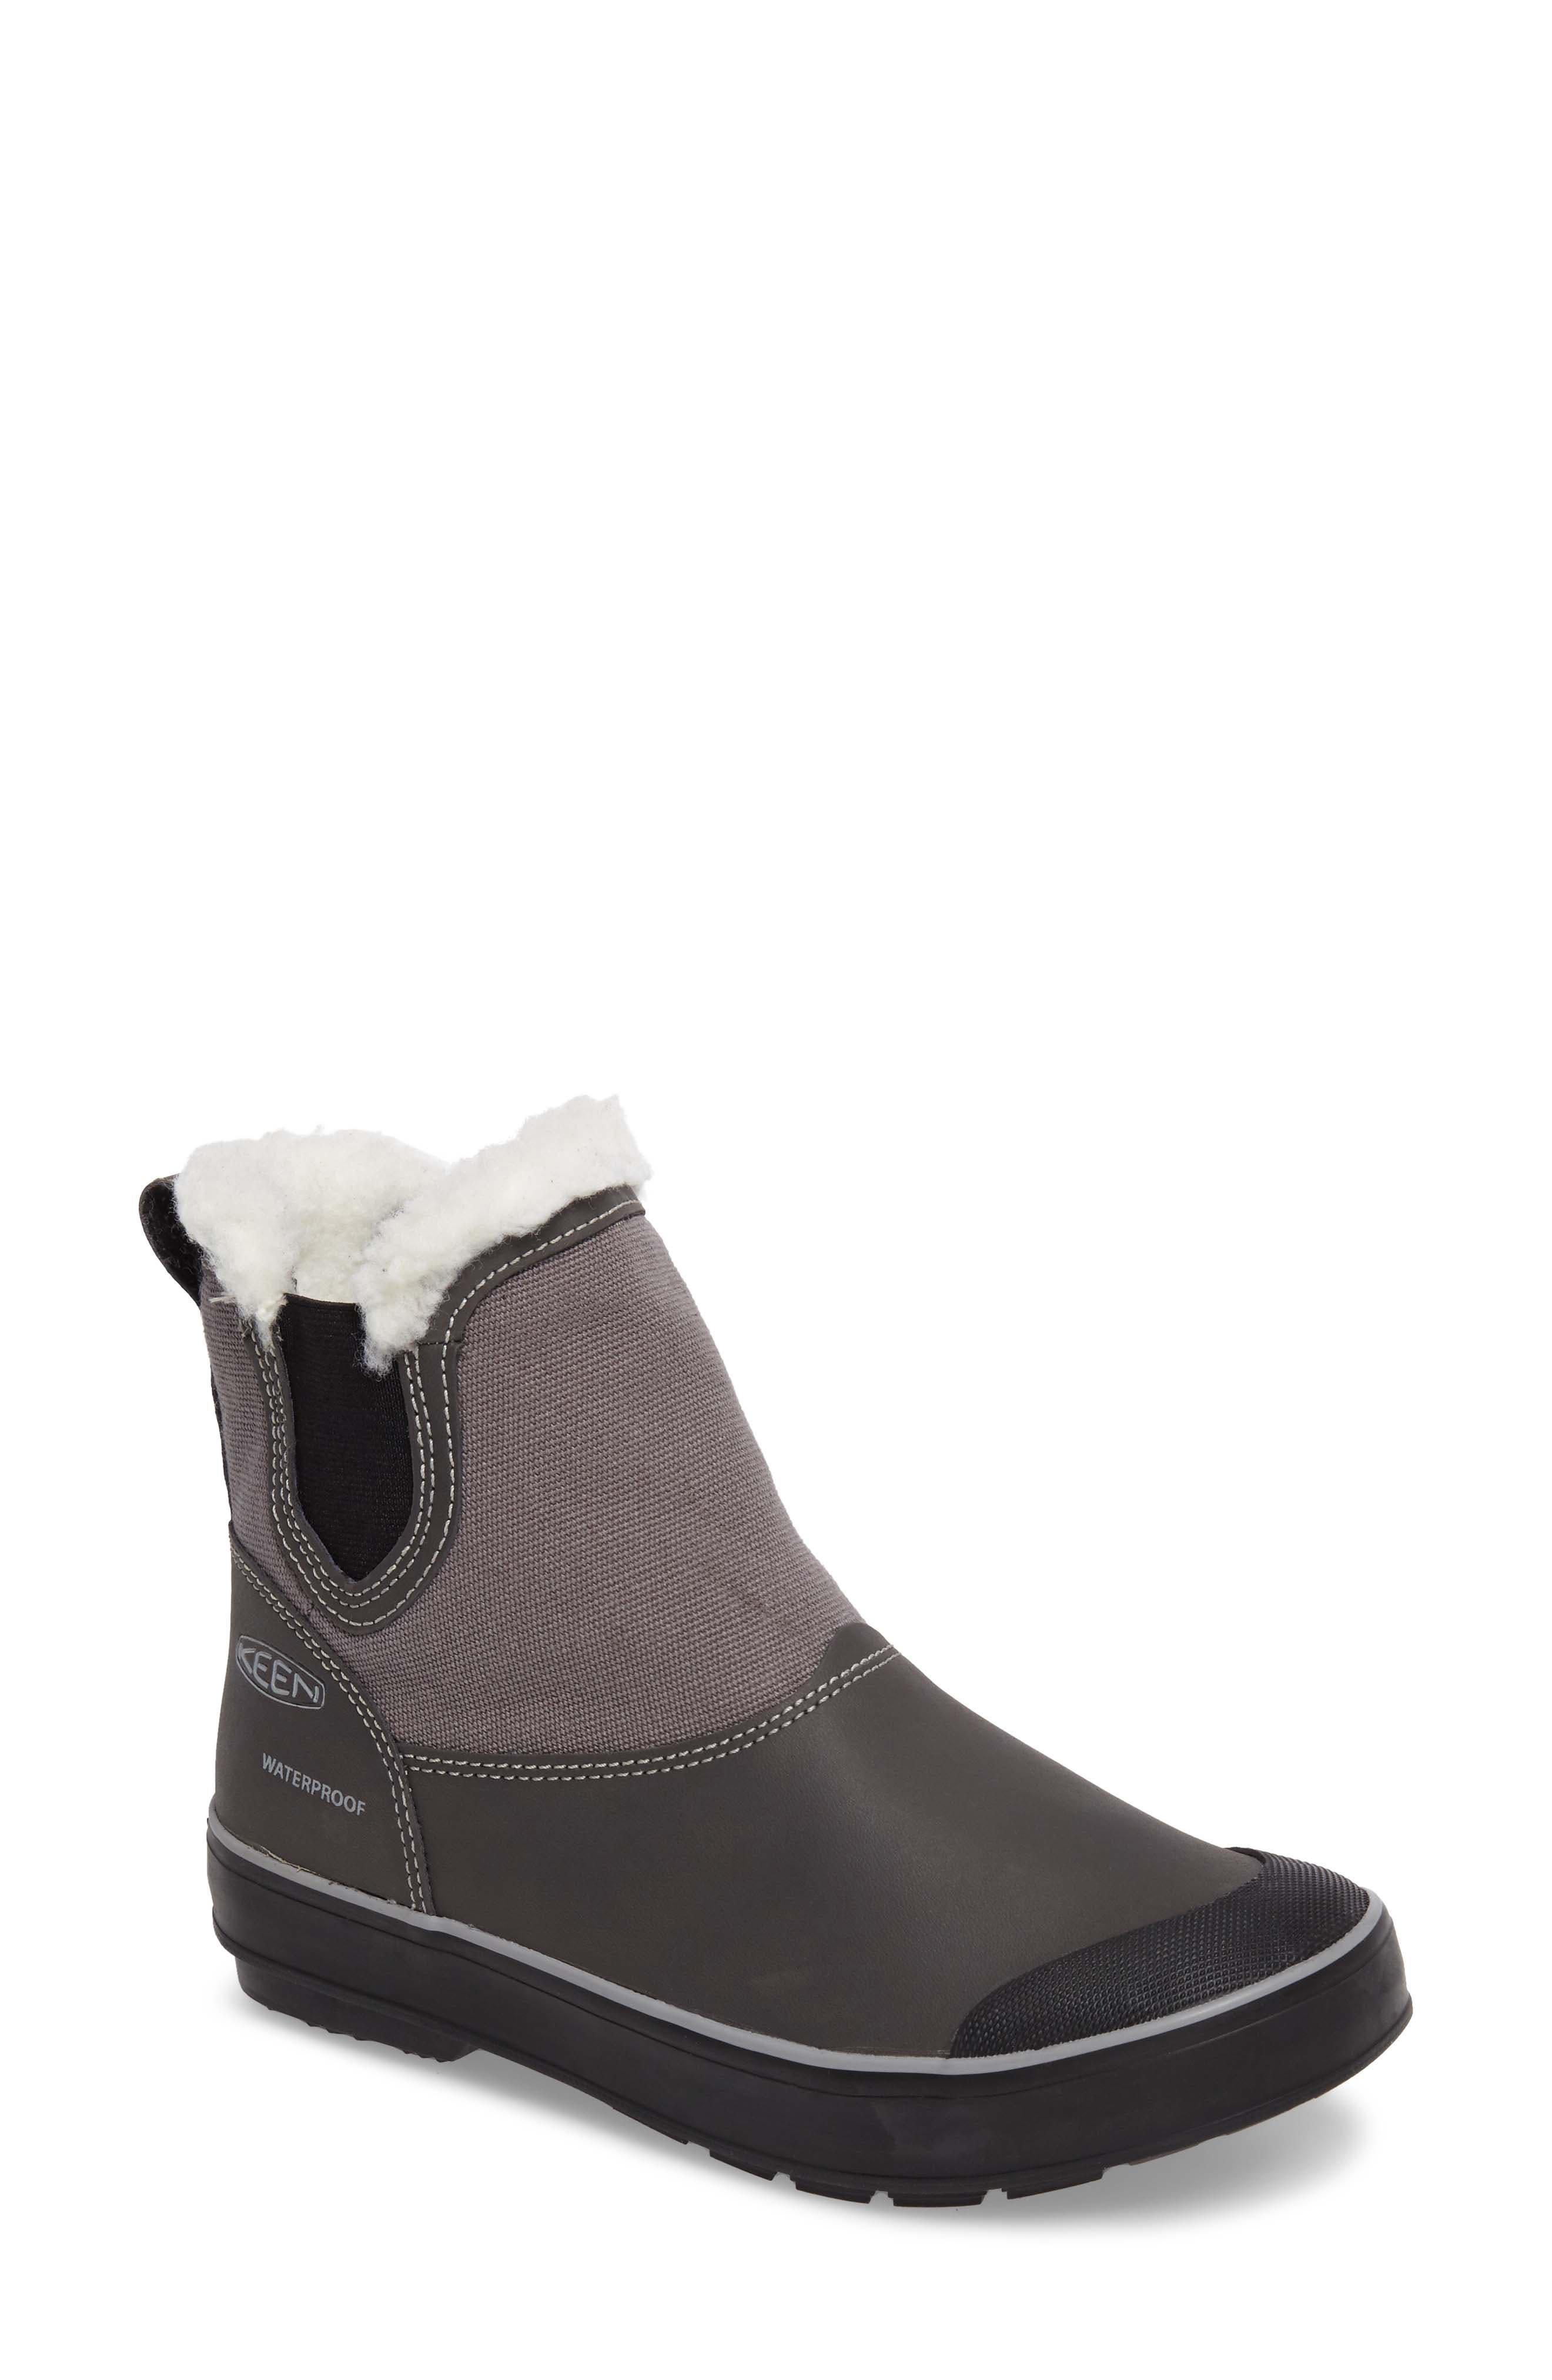 Keen Elsa Chelsea Waterproof Faux Fur Lined Boot (Women)